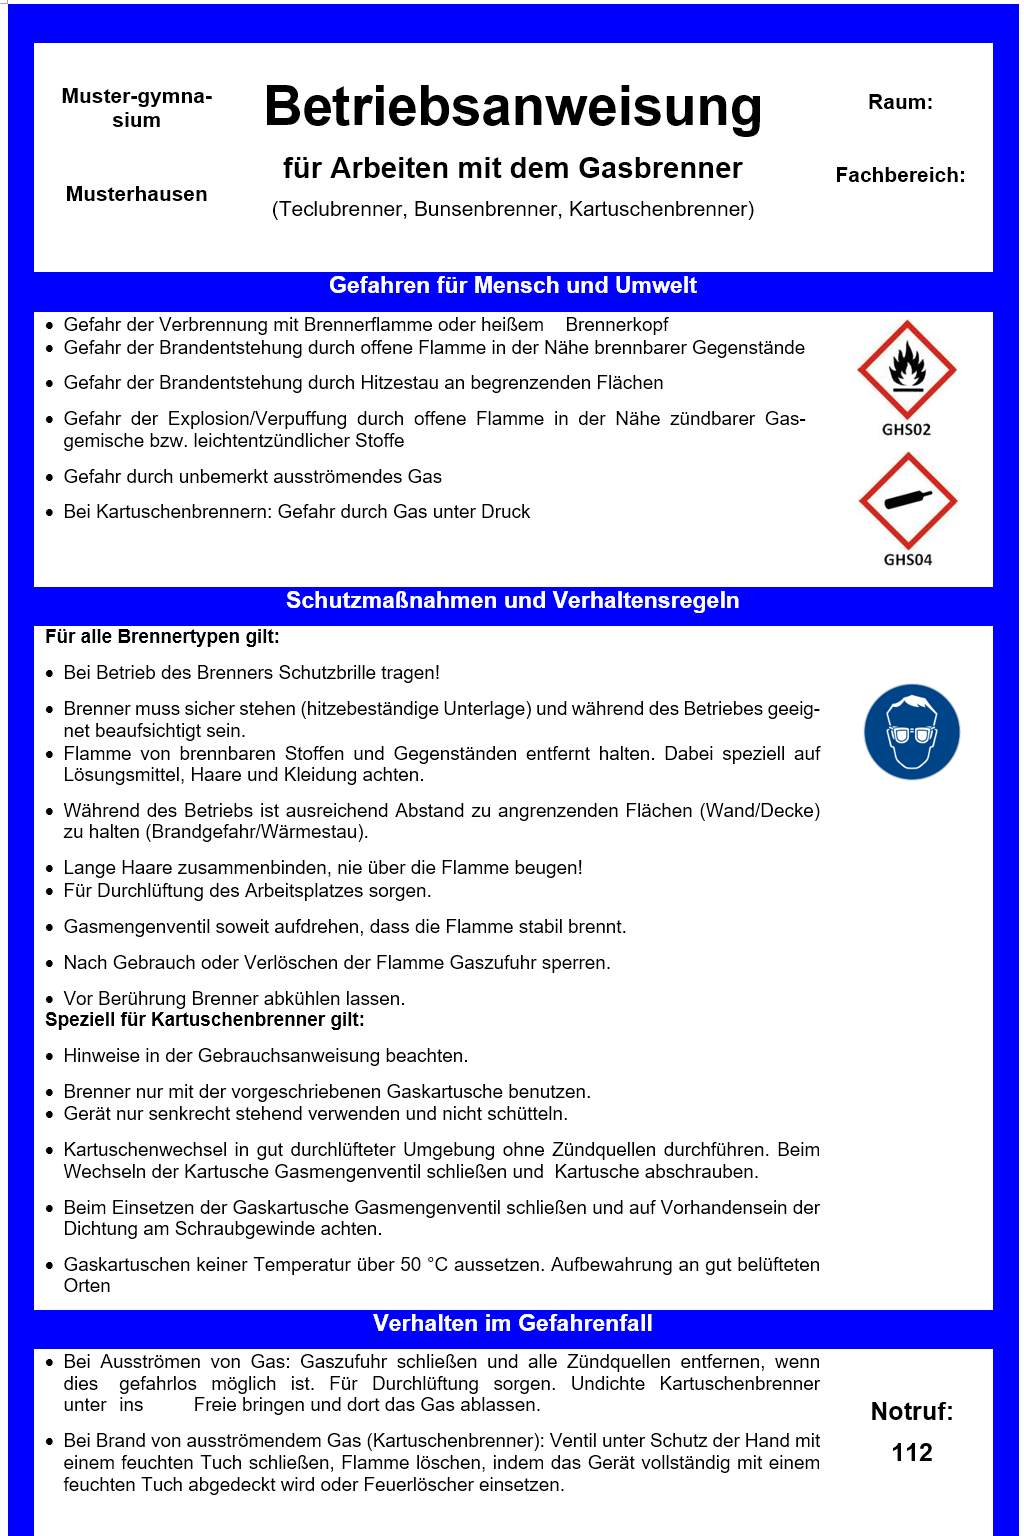 Betriebsanweisung Gasbrenner